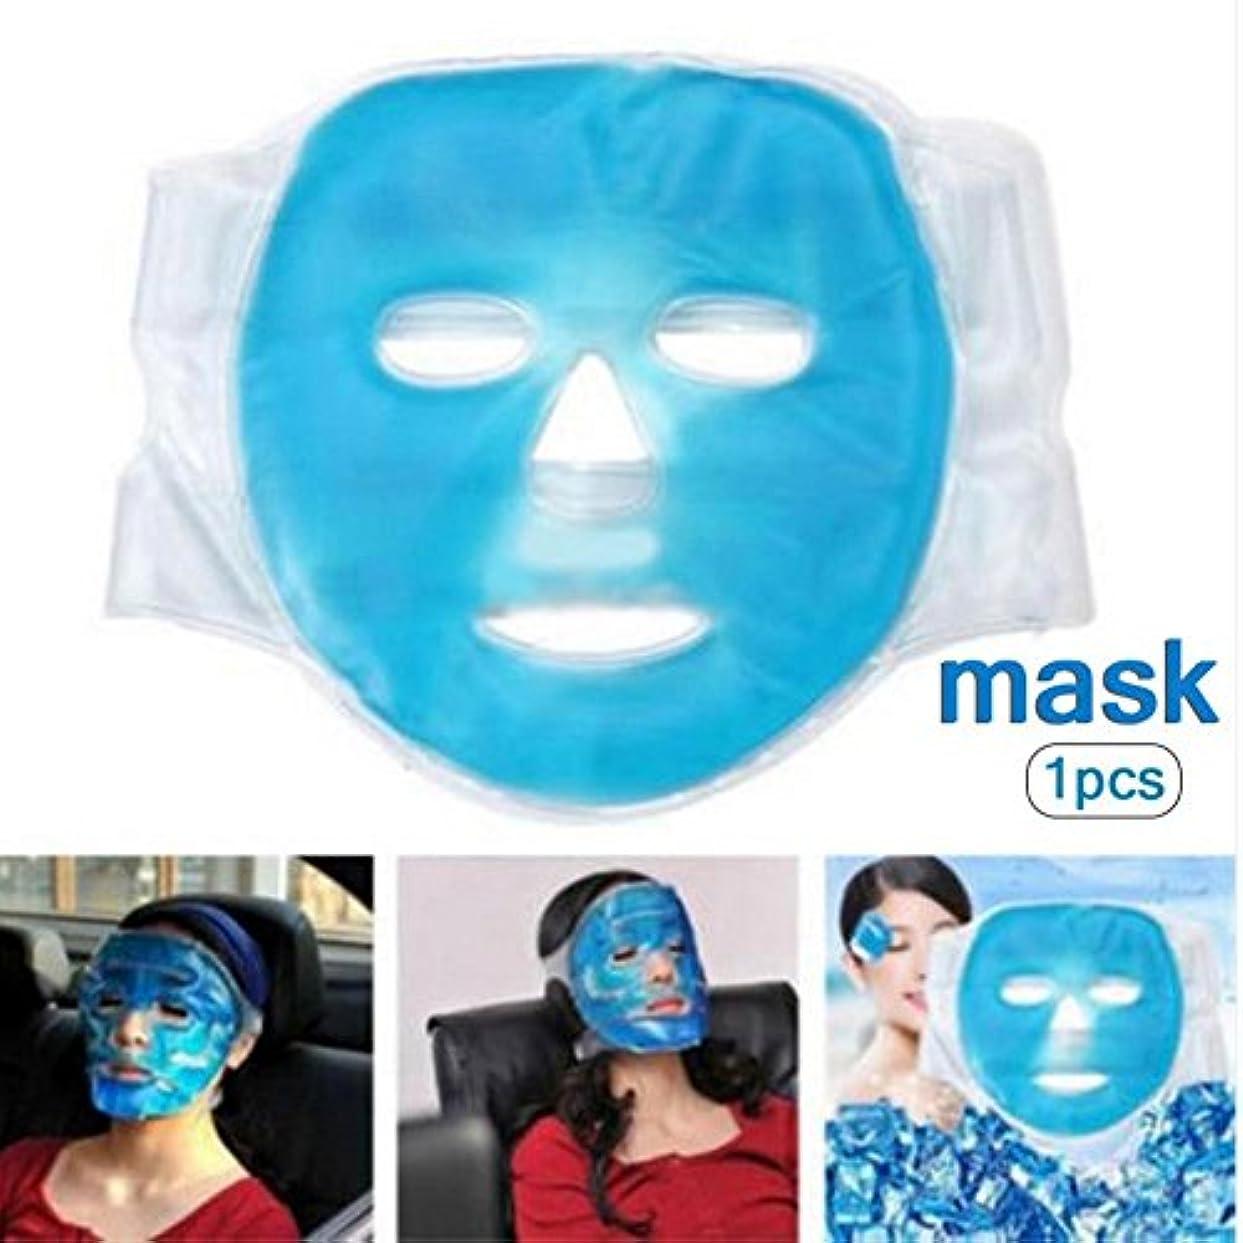 いらいらさせる二十オペレーターフェイスマスク 冷却マスク 美容マスク 冷温兼用 美容用 再利用可能 理学療法 毛細血管収縮 毛穴収縮 睡眠冷却 疲労緩和 肌ケア 保湿 吸収しやすい コールドパックホットパック 美容マッサージ アイスマスク (ブルー)